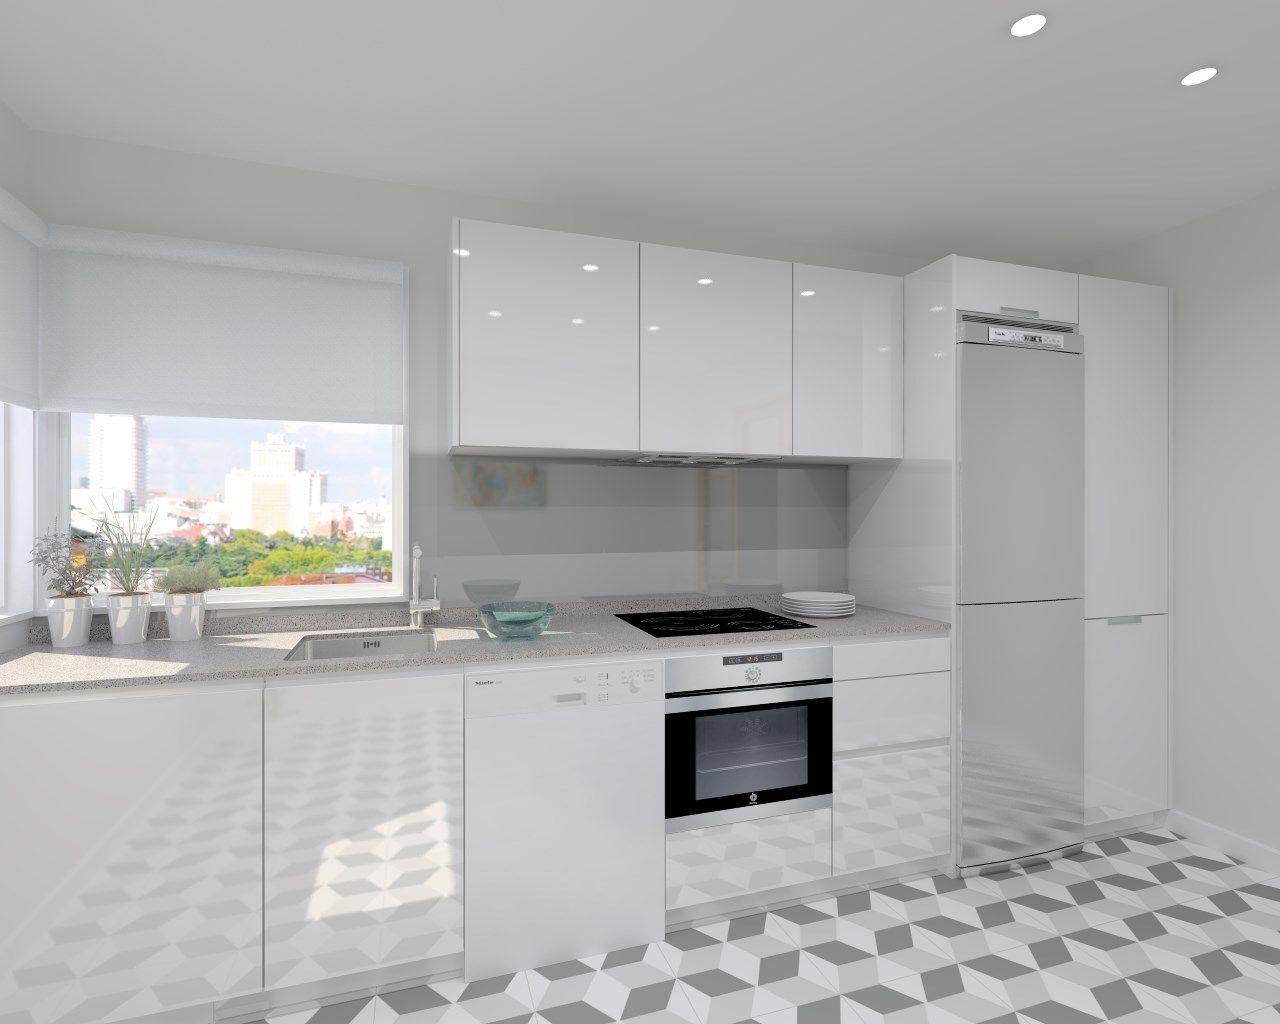 Cocina santos modelo line laminado blanco brillo encimera - Cocinas de silestone ...